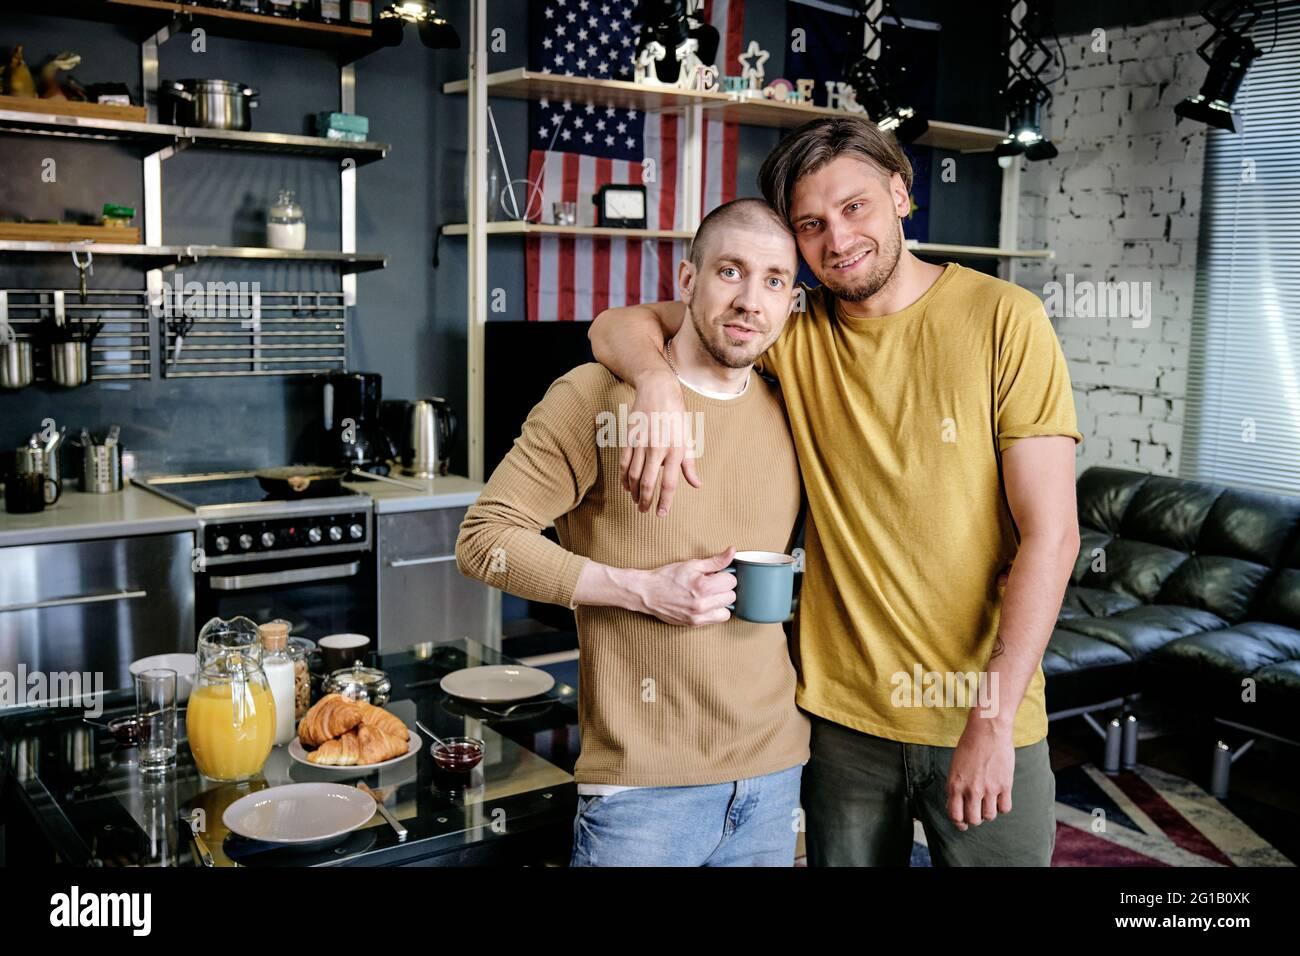 Lächelnder, schwuler Mann umarmt seinen Mann vor der Kamera Stockfoto